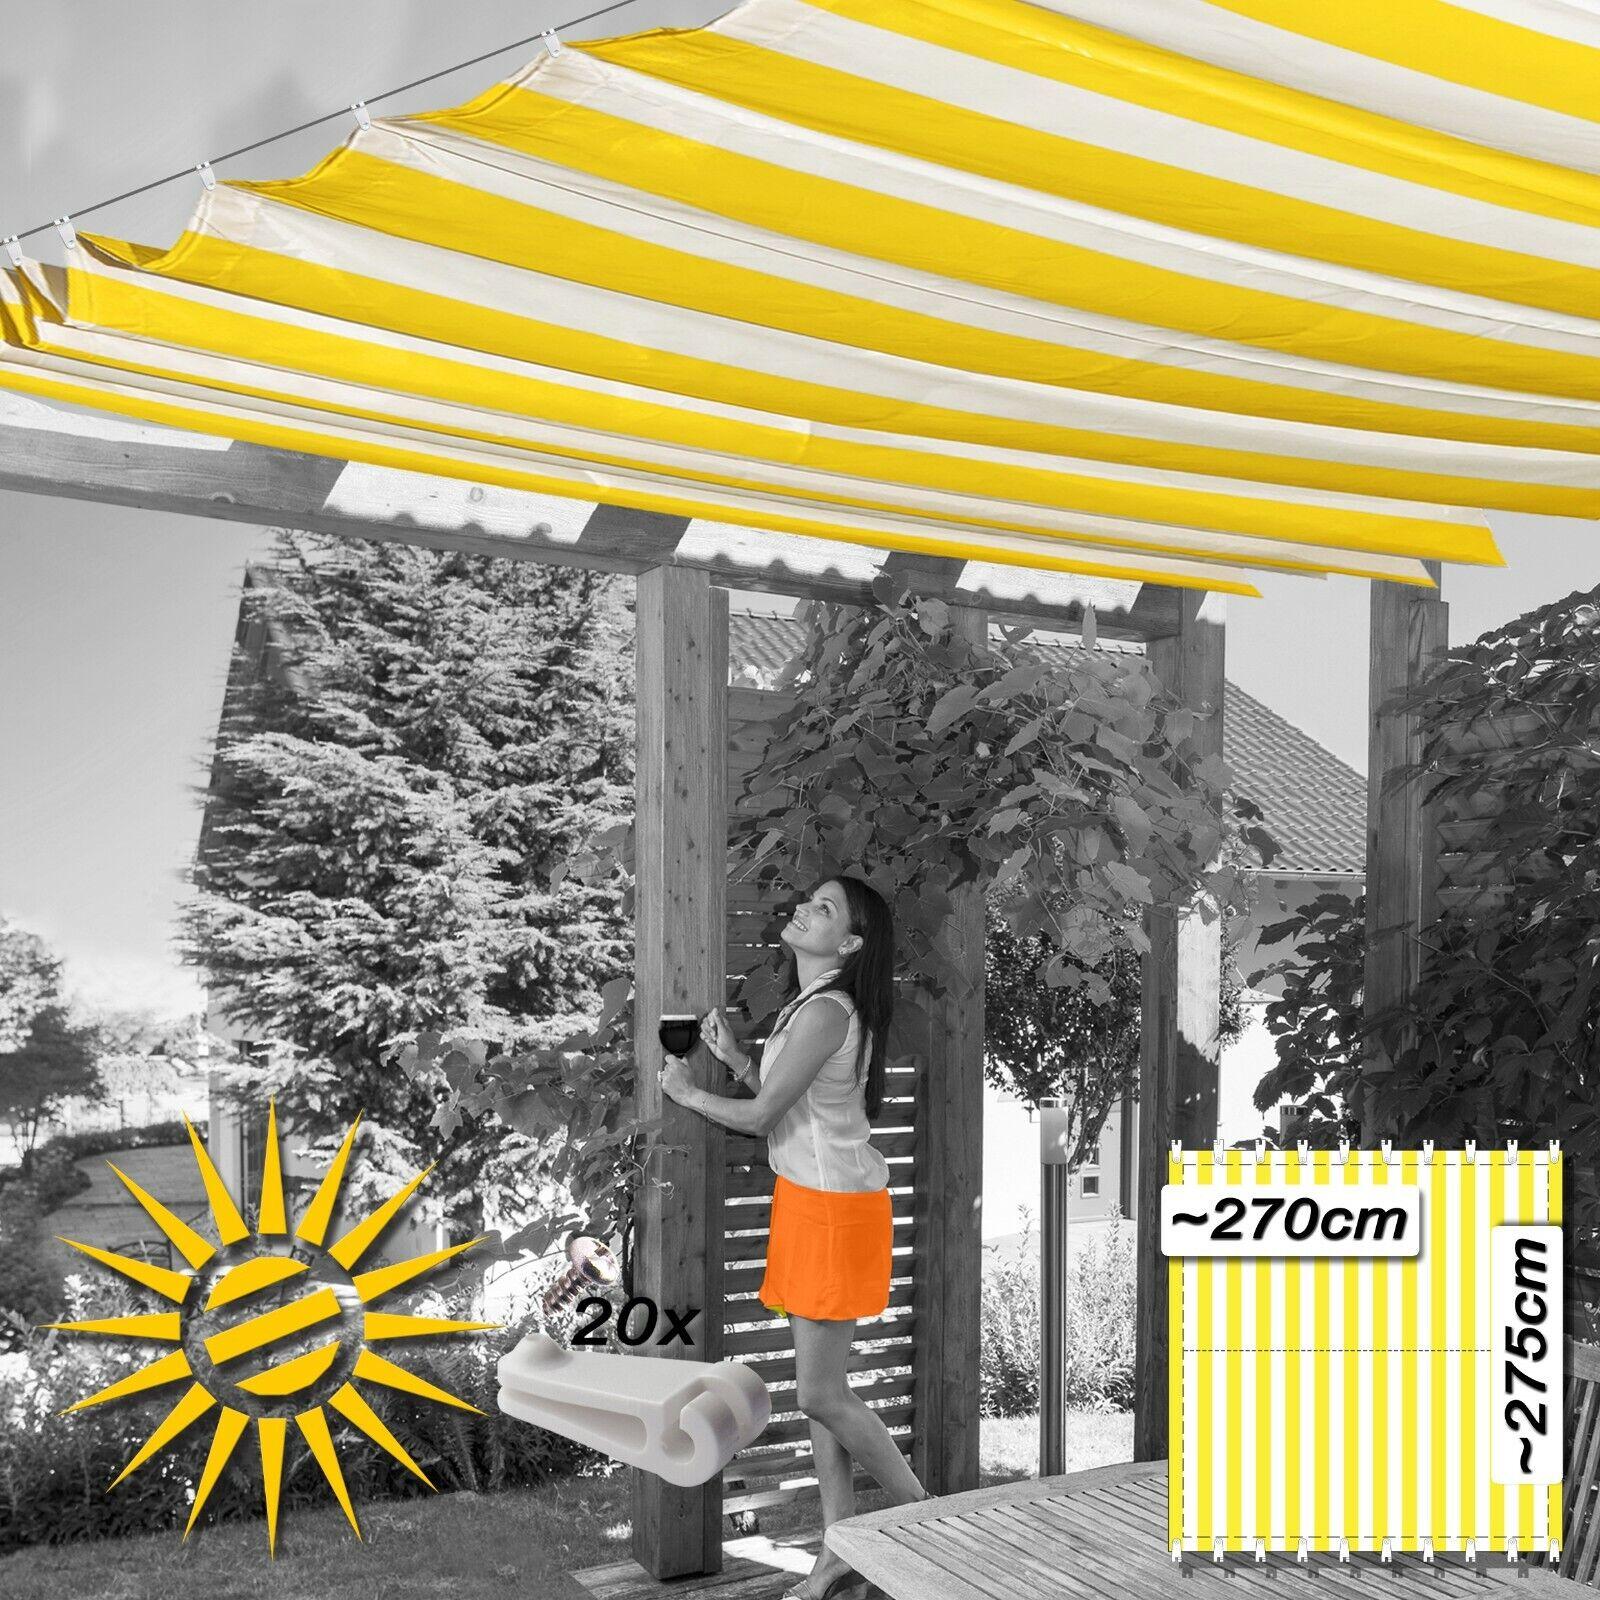 Toldo vela amarillo Weiss aprox. 270x275 cm 20 ganchos de ejecución jardín de invierno siguiendo a los sujetos UV